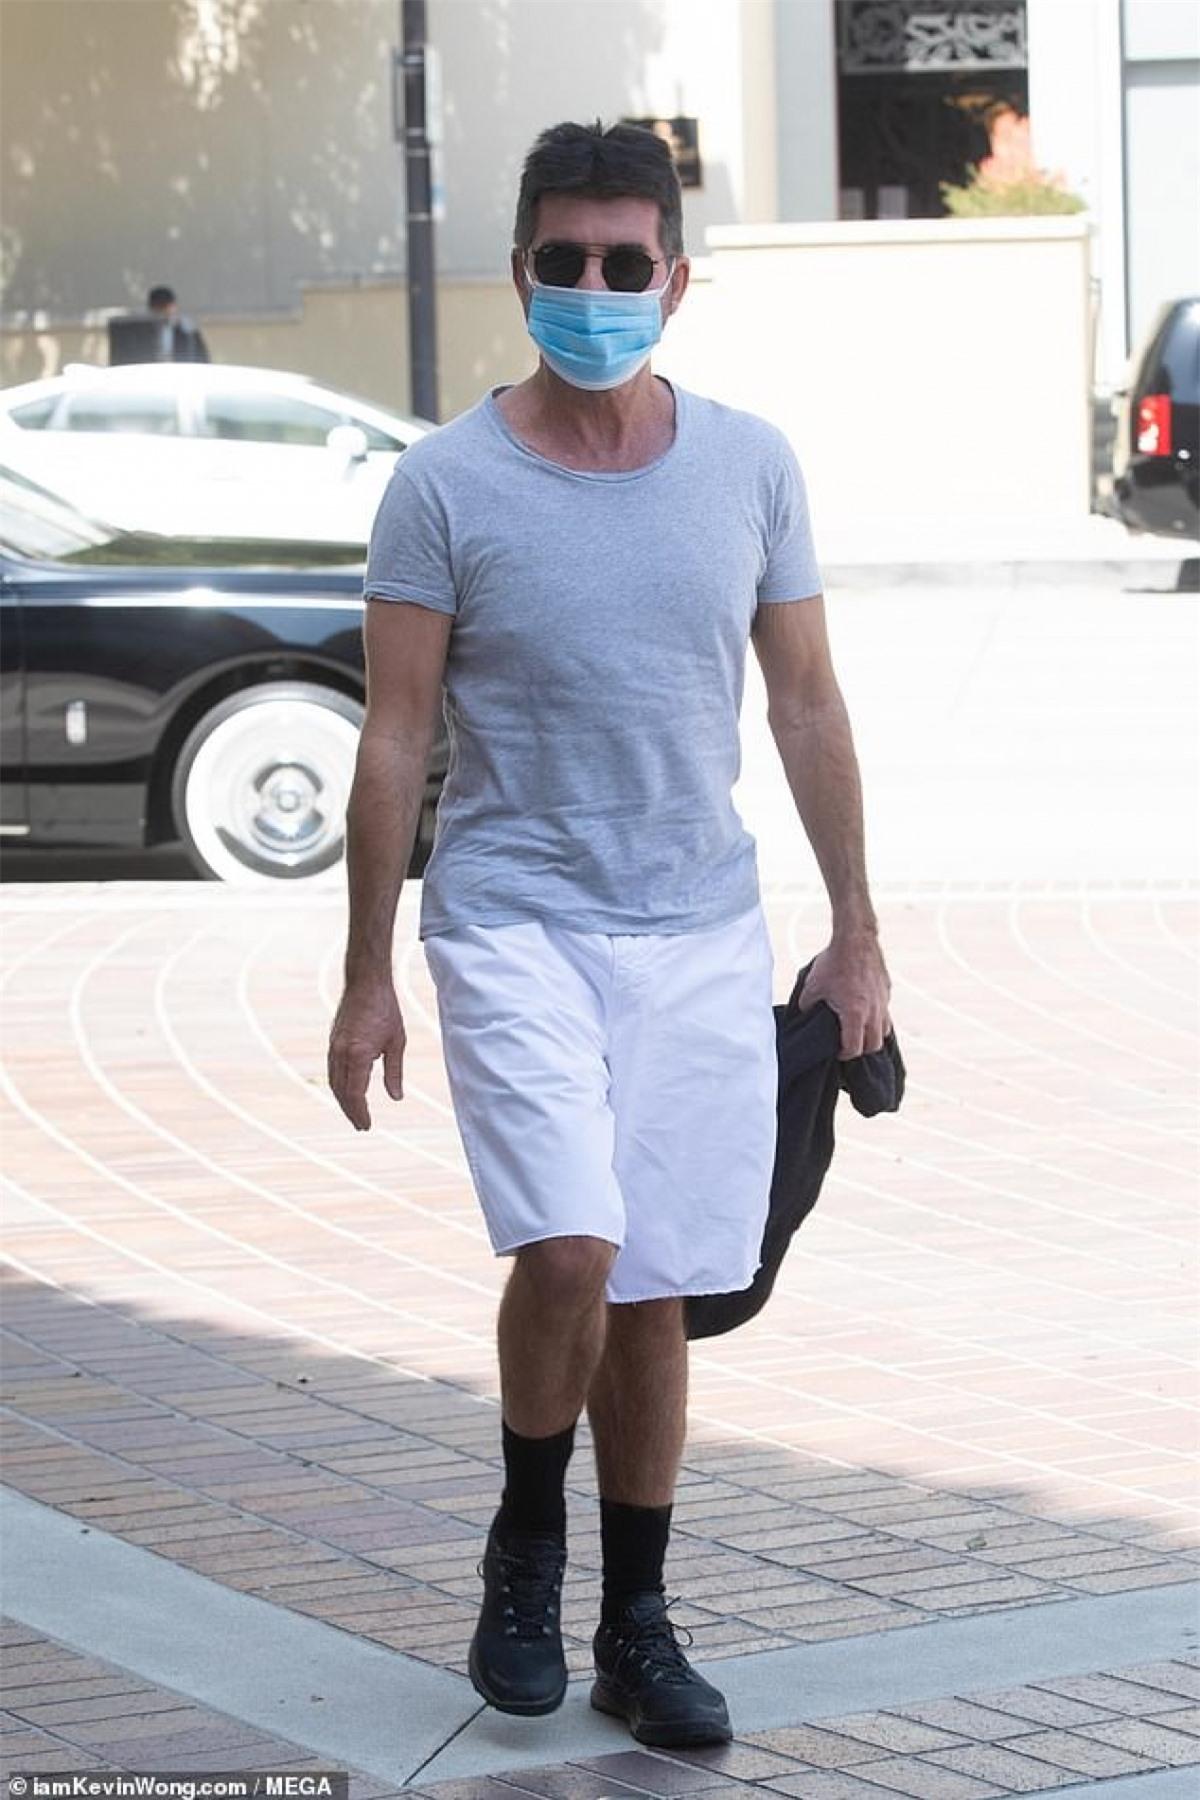 Simon Cowell bị cánh săn ảnh bắt gặp khi đang đến trường quay để ghi hình America's Got Talent ở Los Angeles hôm 30/3.